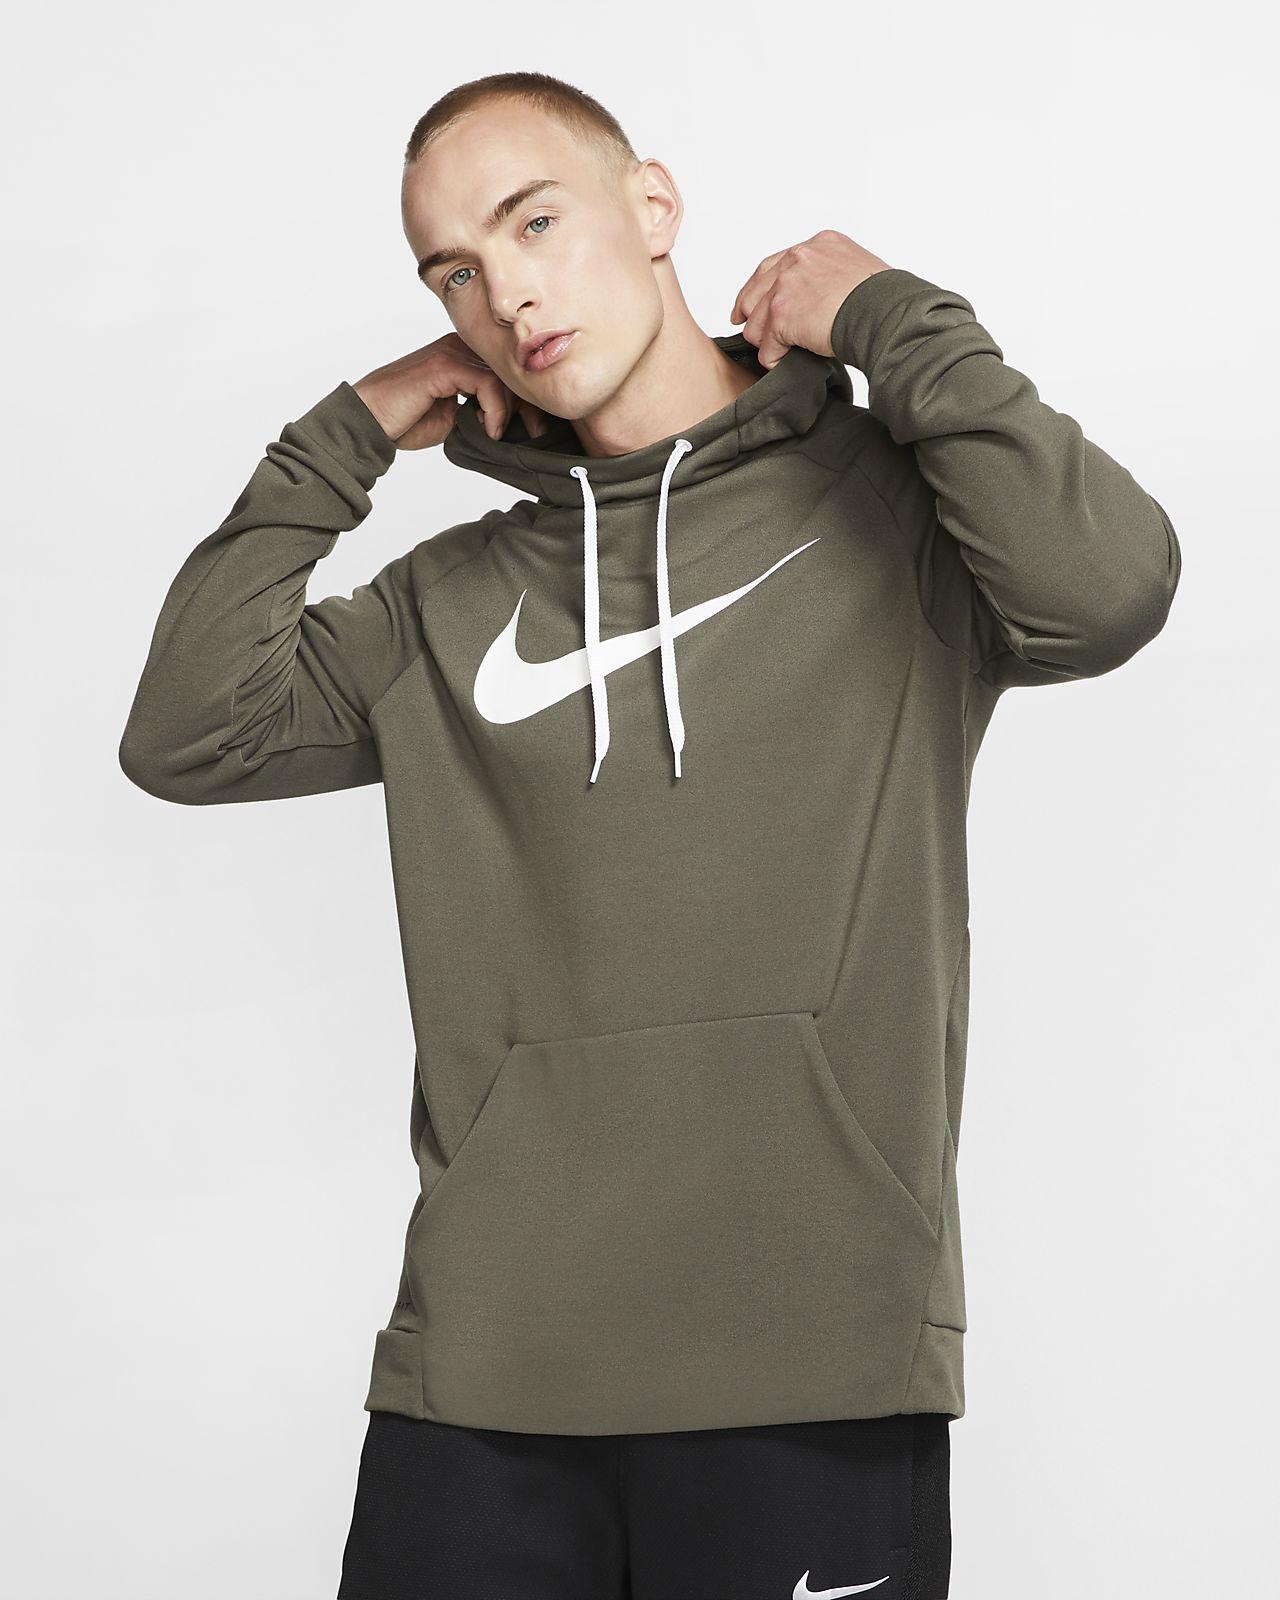 Męska bluza treningowa z kapturem Nike Dri-FIT